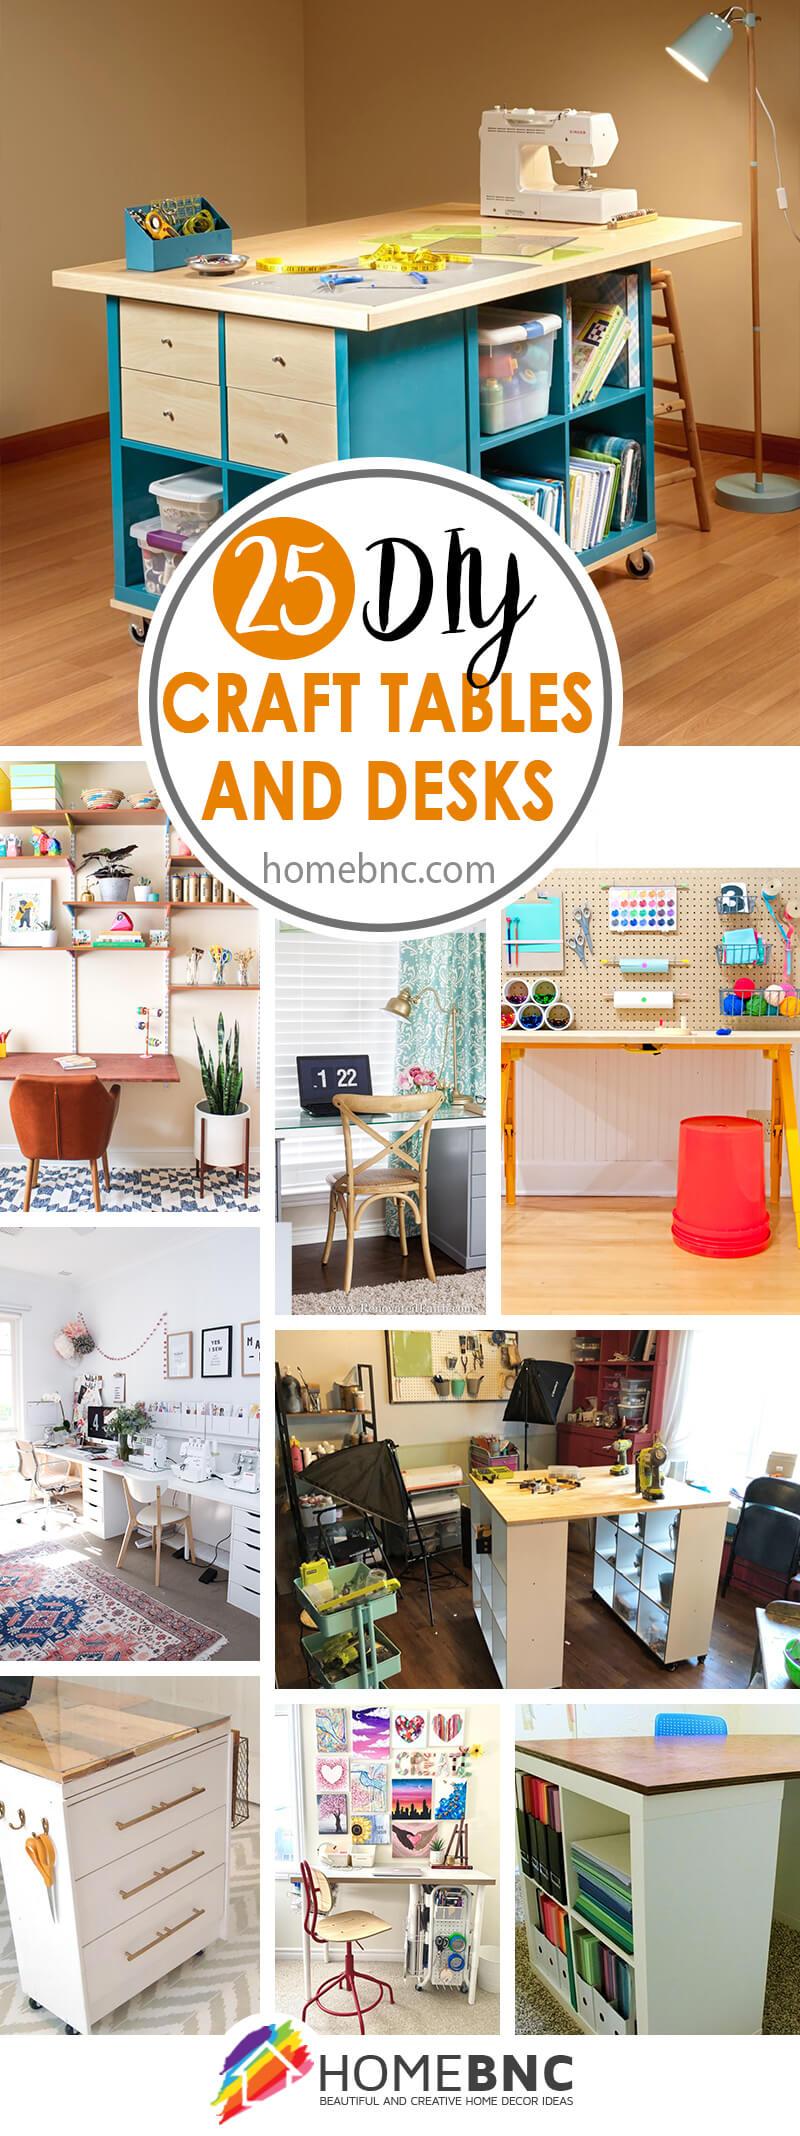 Best DIY Craft Tables and Desks